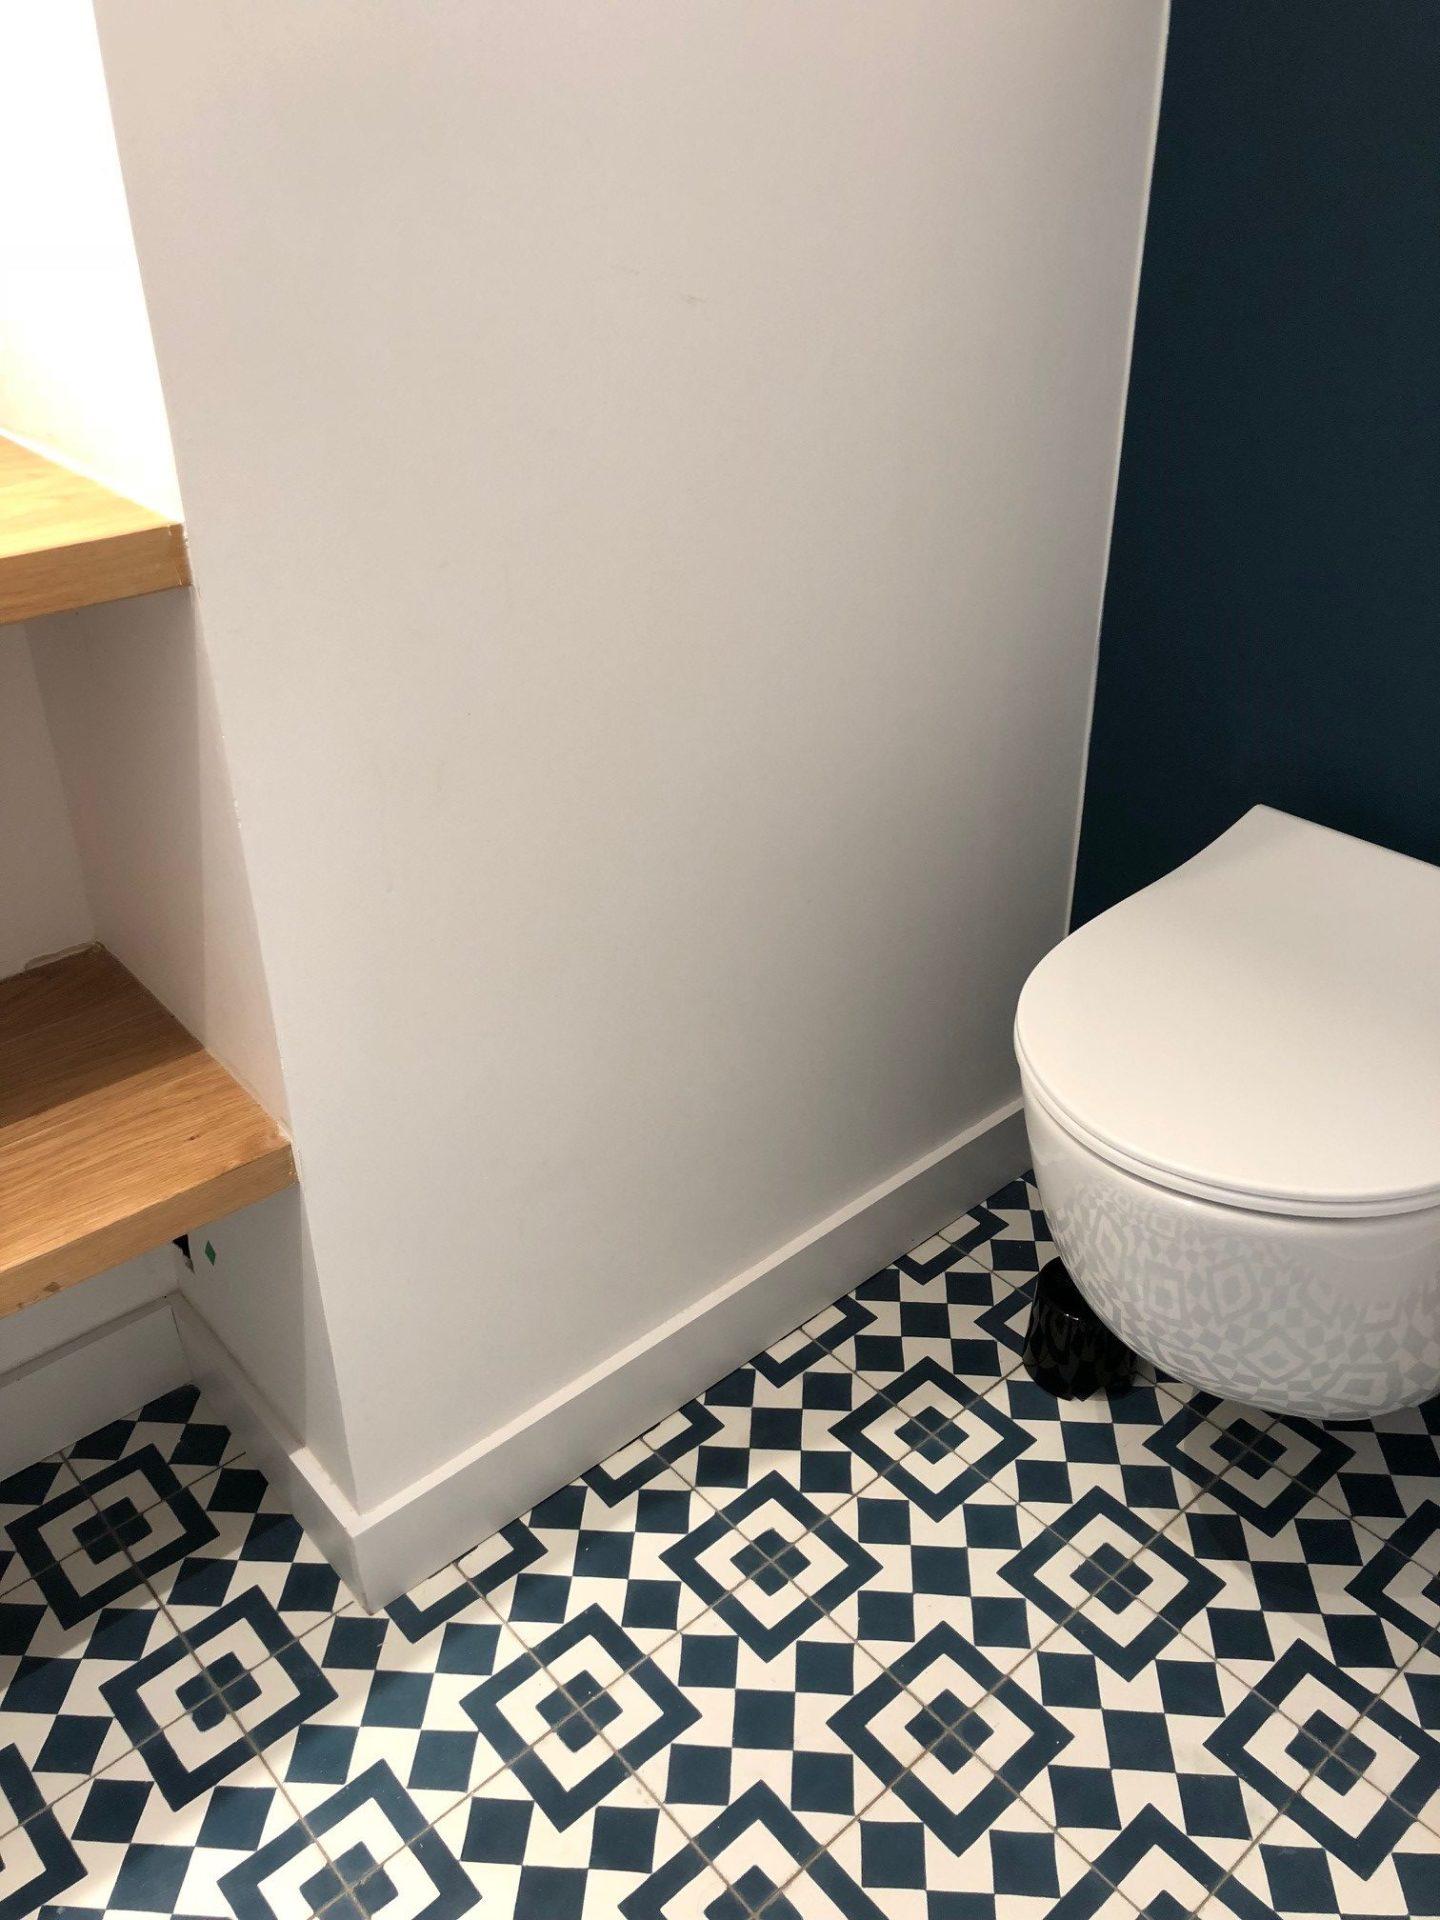 Carreau De Ciment Toilette carreaux-de-ciment-arborescence-sud-ouest-tanger-wc